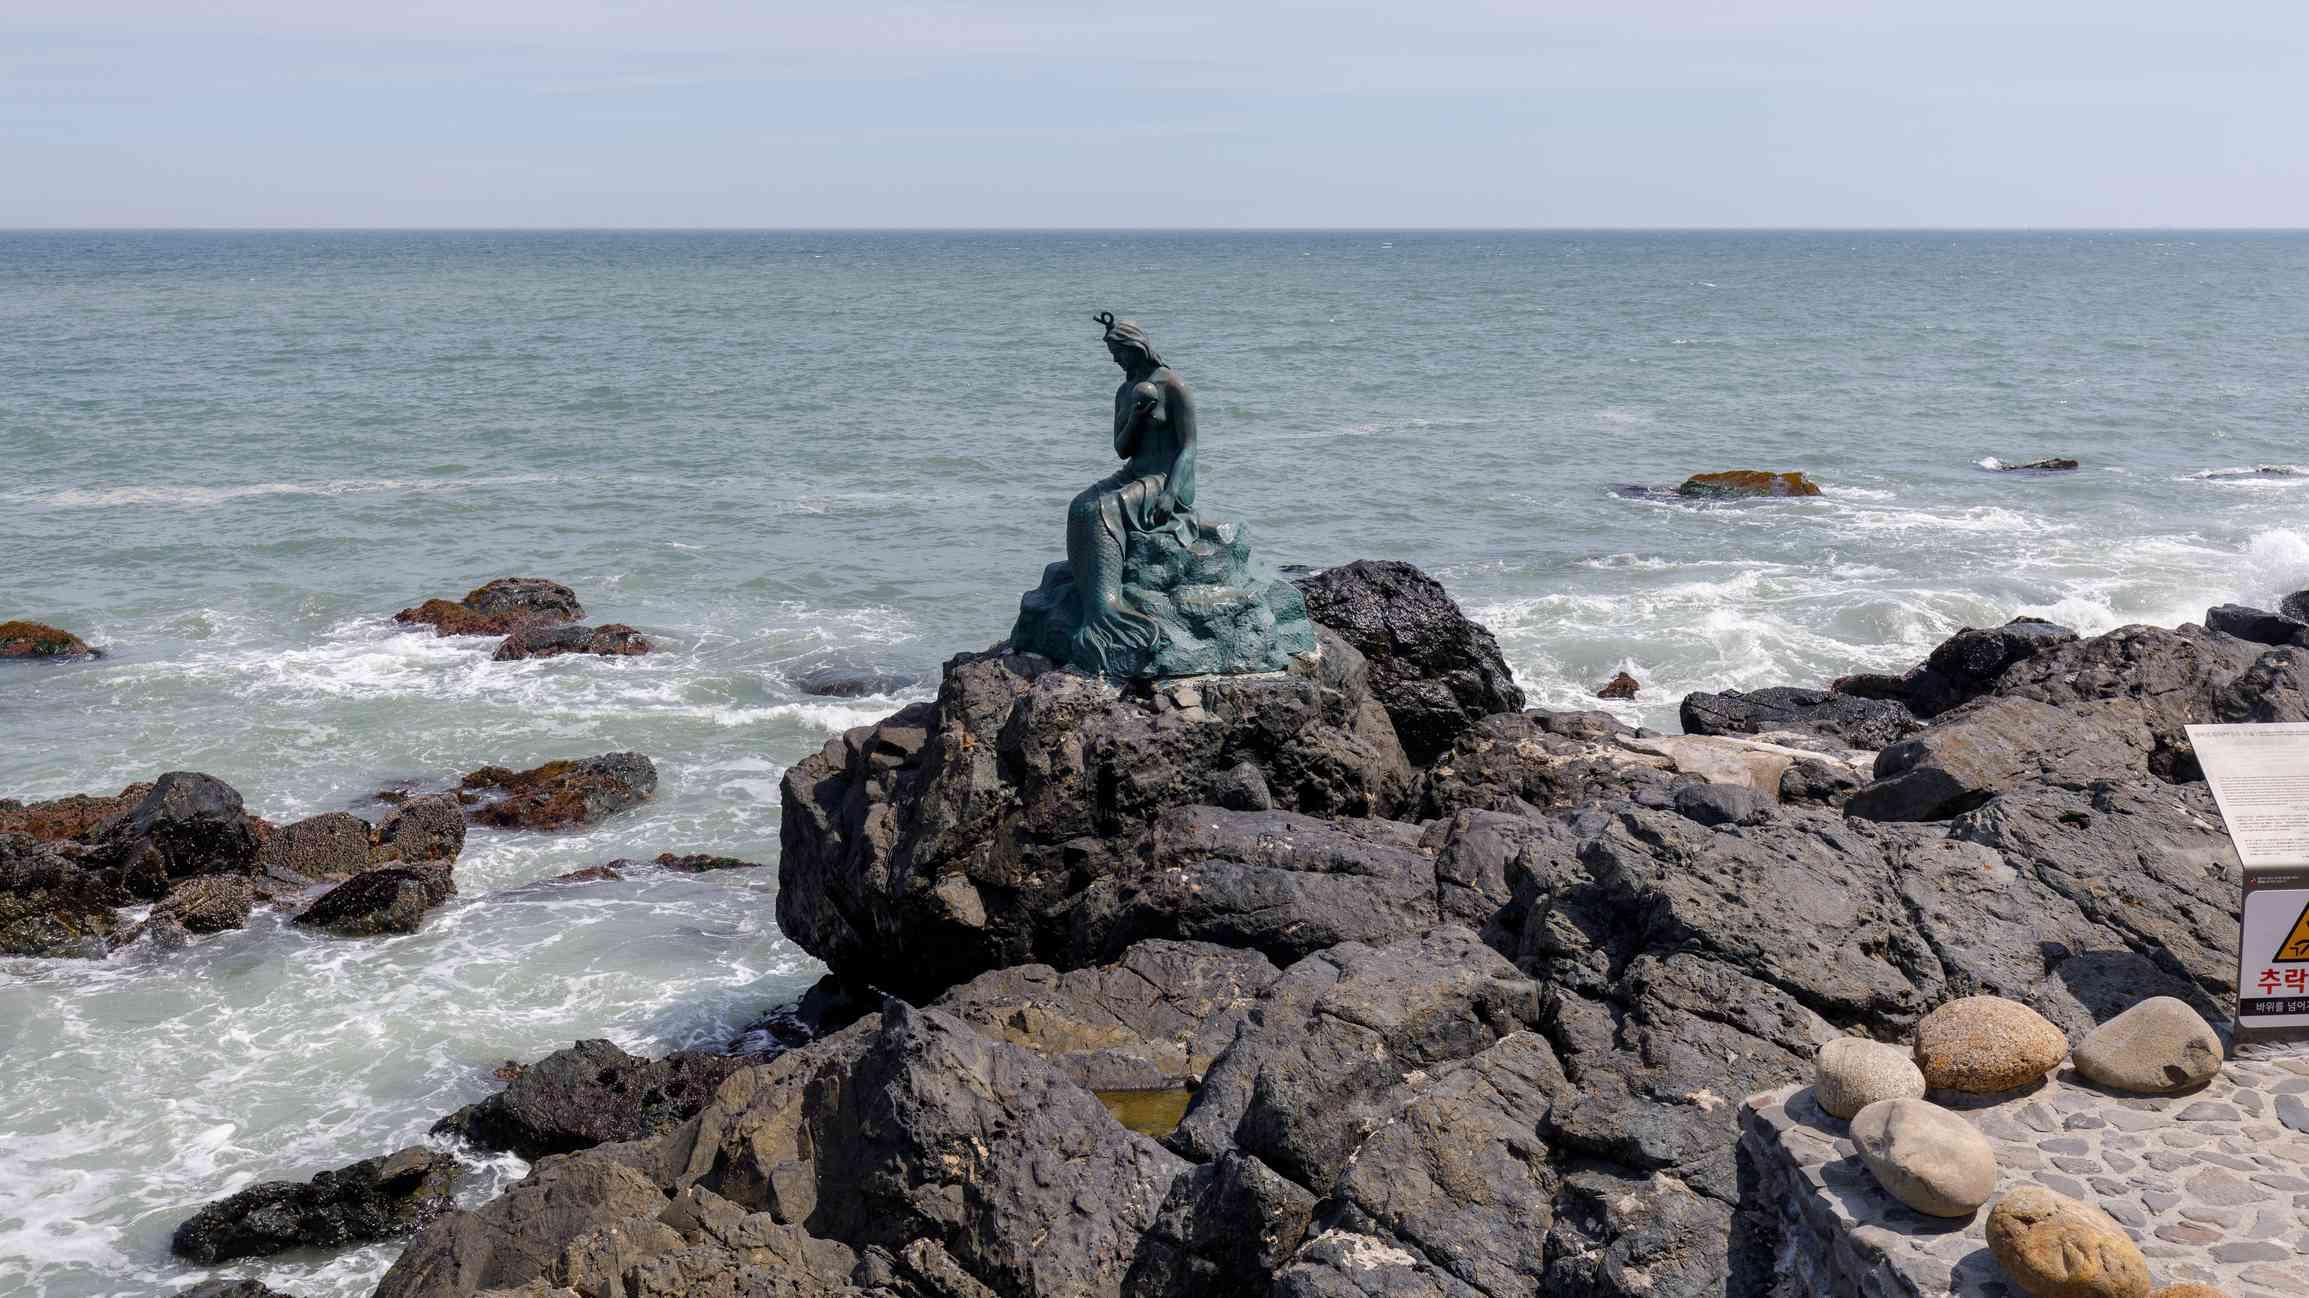 Princess Hwagok Mermaid Statue in Dongbaek Park in Busan, Korea